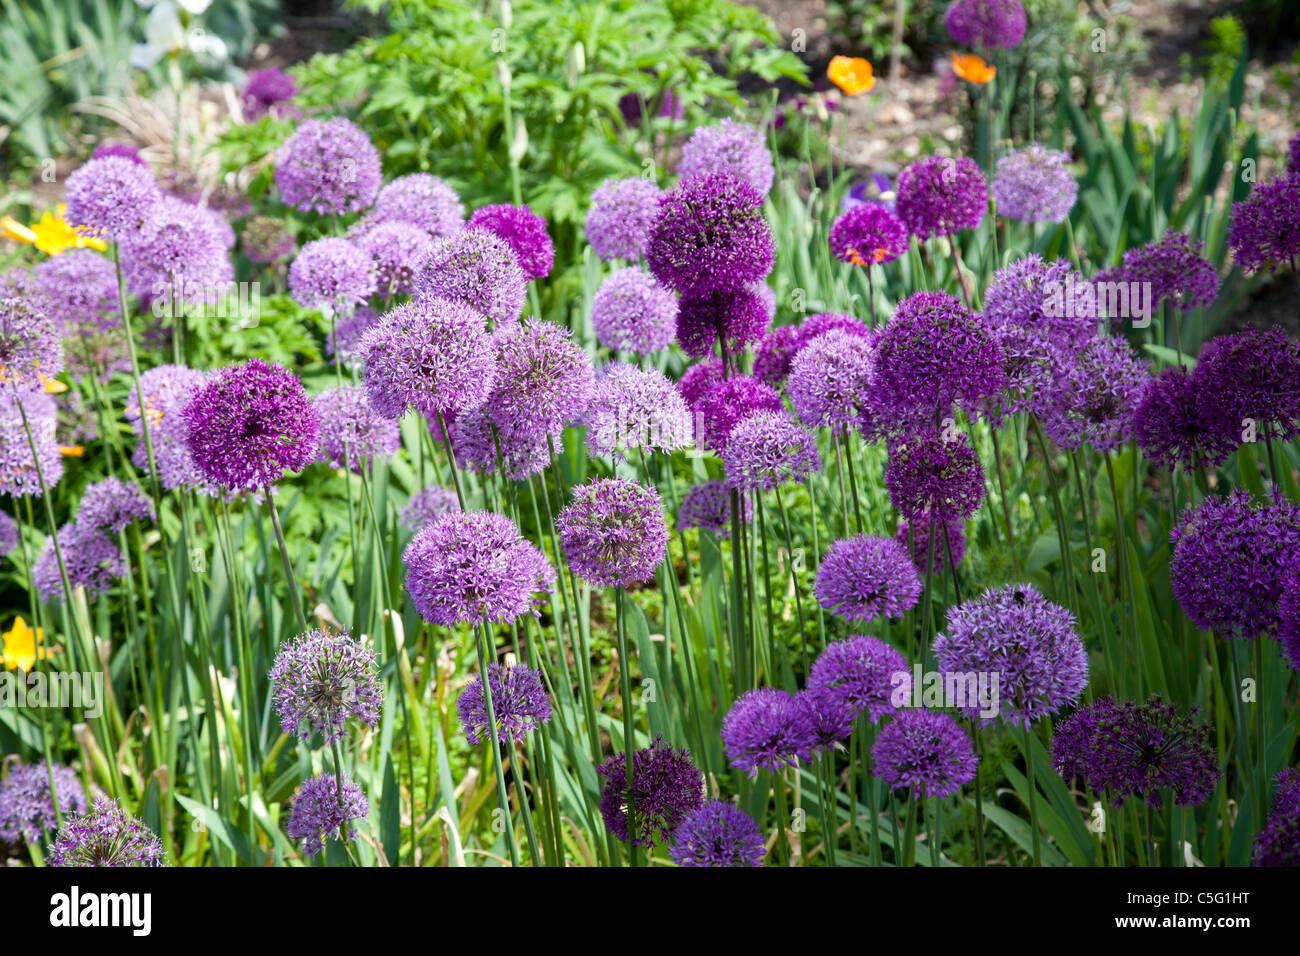 Allium aflatunense - Stock Image